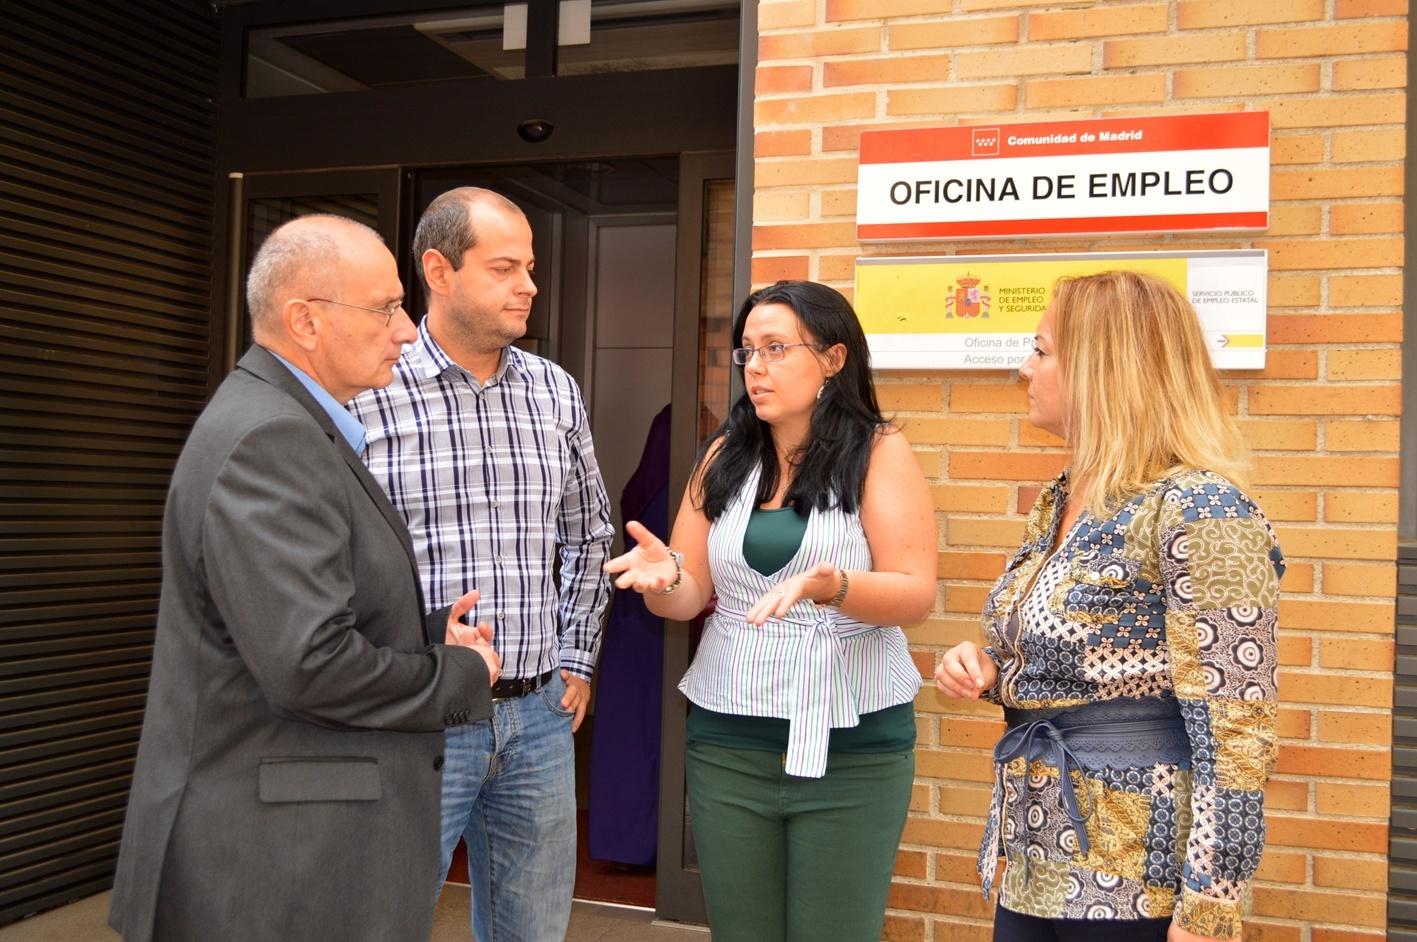 Parla nuevas colaboraciones en la agencia municipal de for Oficina de empleo getafe